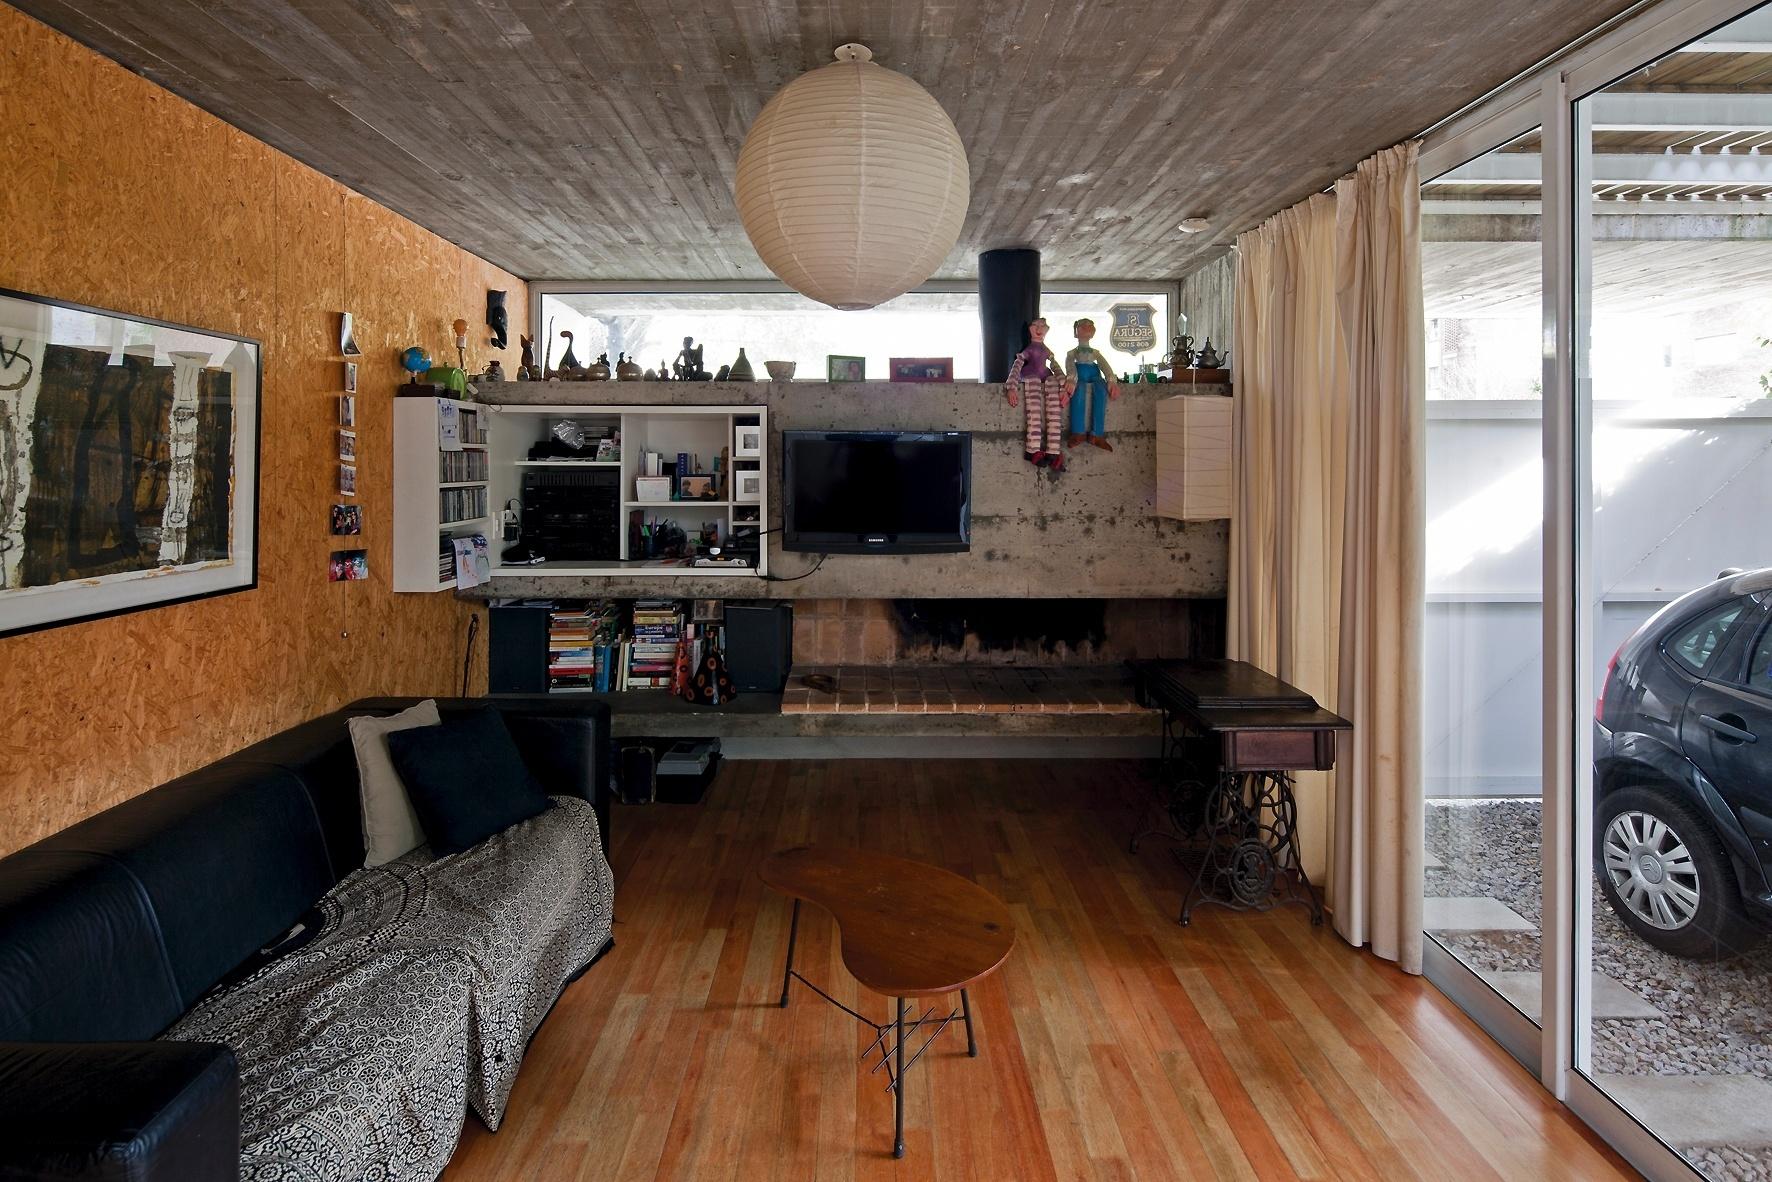 Na Casa Buceo, o estar está integrado ao corredor lateral externo, na altura da garagem. Com uma lareira à lenha, paredes revestidas por OSB (painel de tiras de madeira orientadas) e piso de madeira, o cômodo é sombreado, pois está protegido pela laje da varanda suspensa. A luz natural entra pela frente da casa, através de uma janela alta e delgada na fachada. A morada fica em Montevidéu, no Uruguai, e tem projeto de Marcelo e Martín Gualano